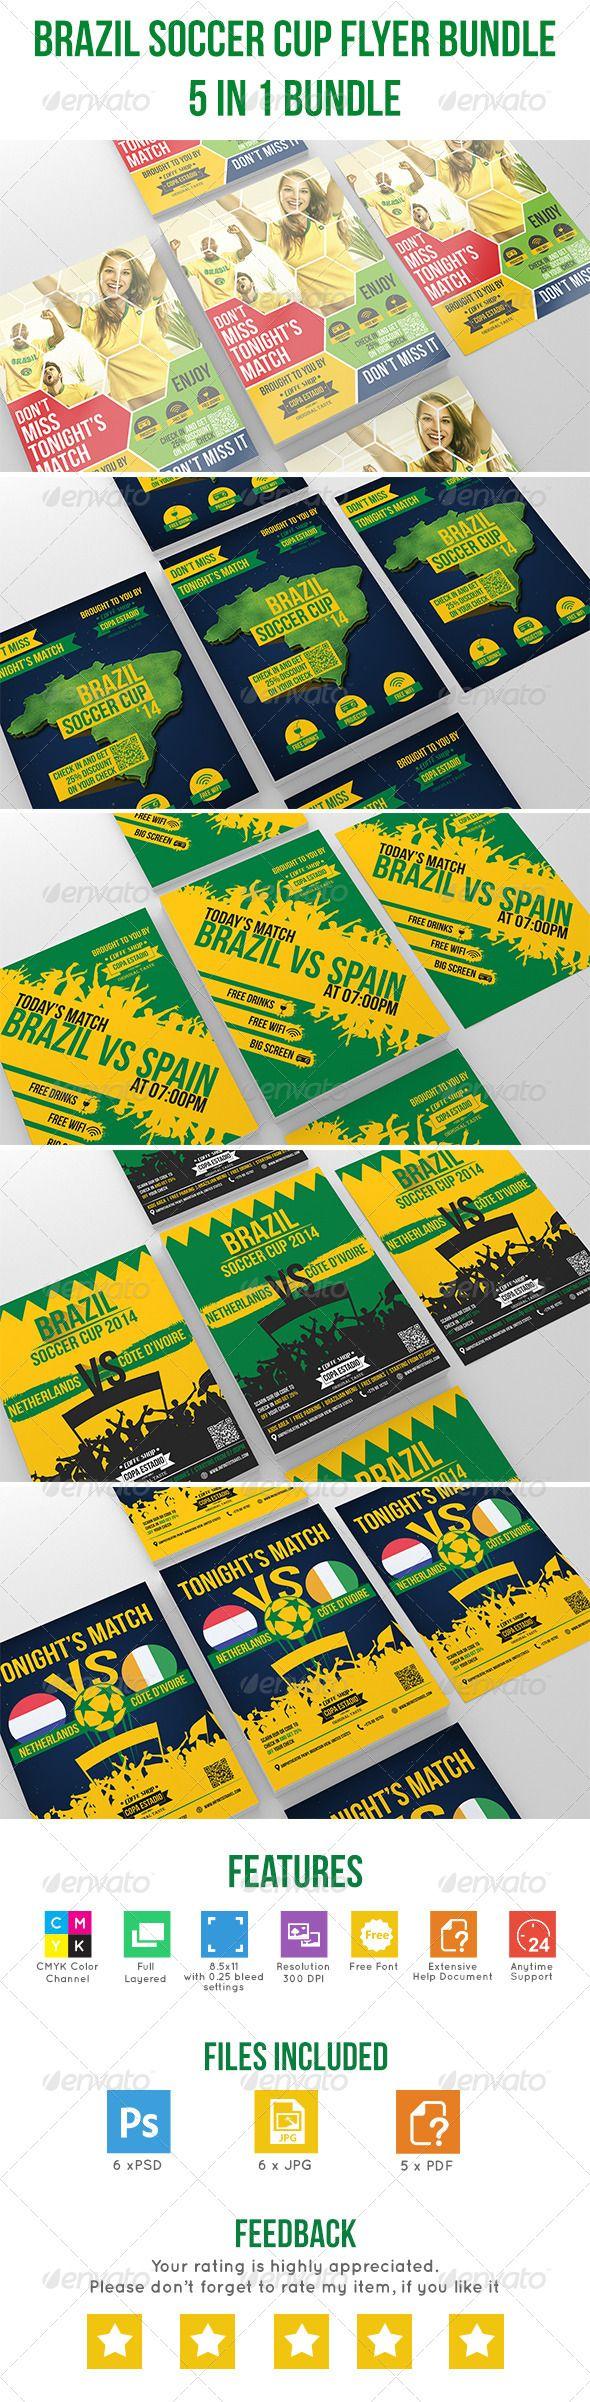 Brazil Soccer Cup Flyer Bundle by mmounirf Item Description Brazil Soccer Cup Fl…